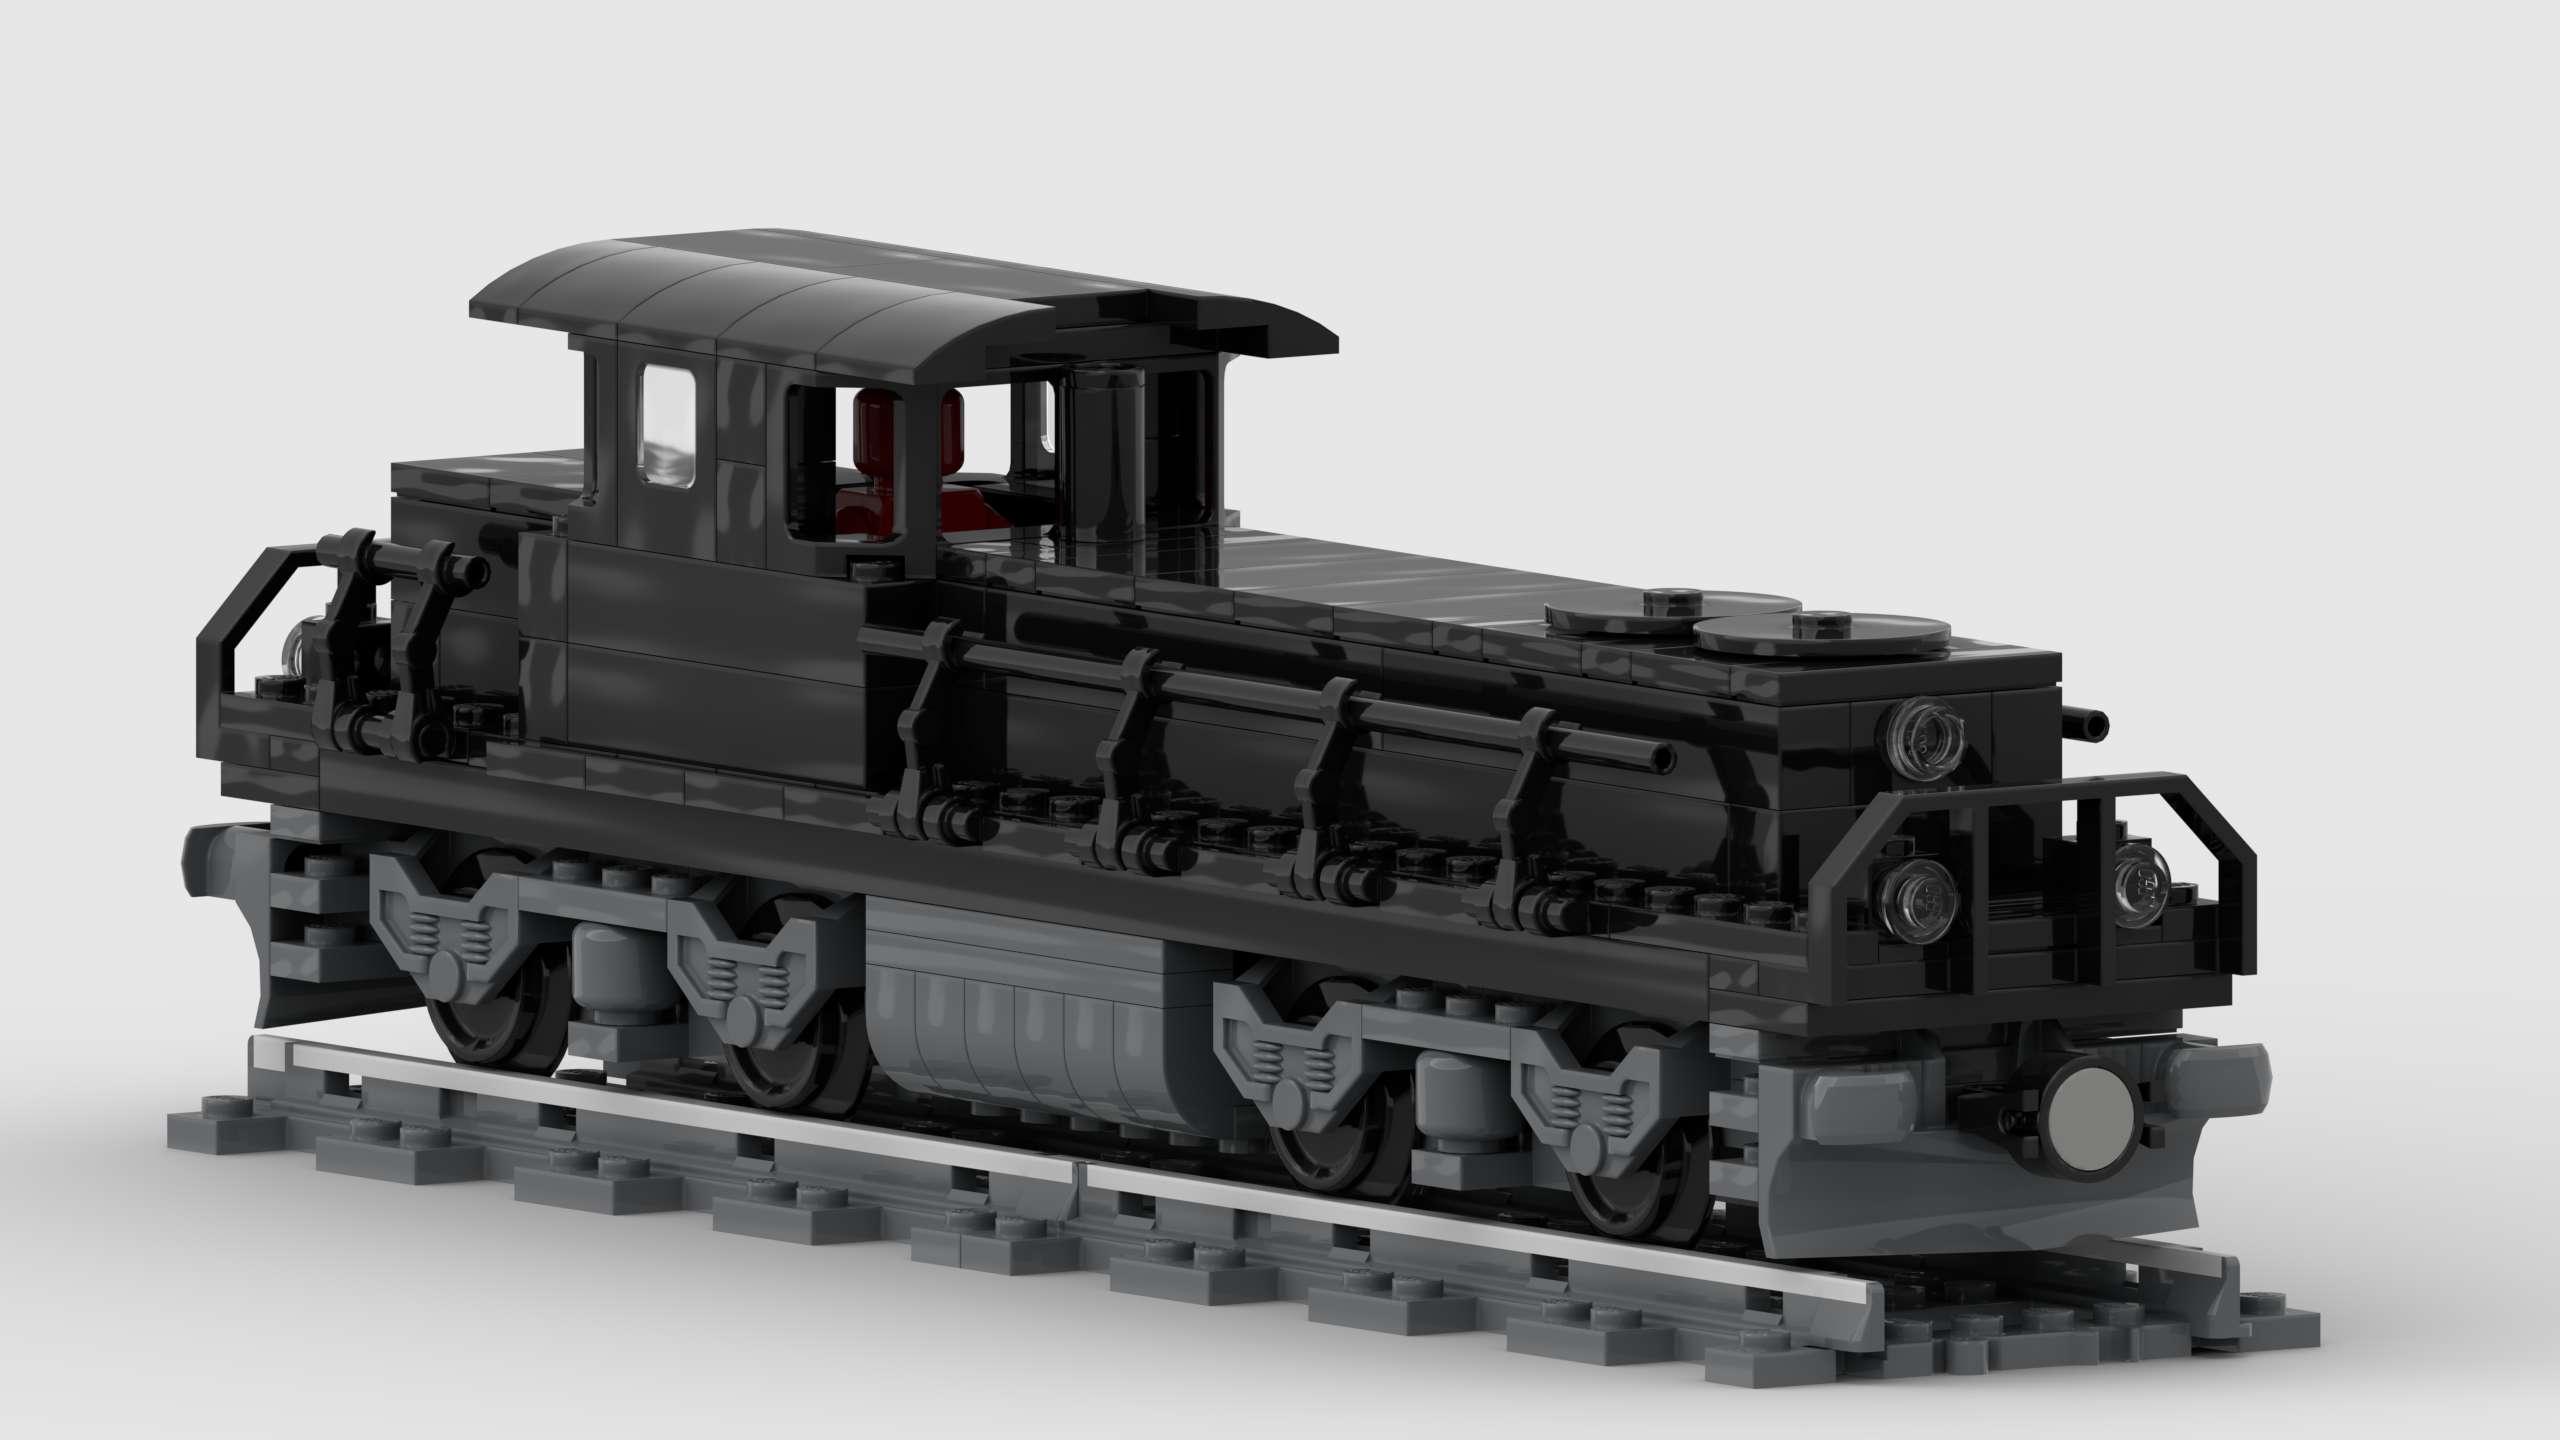 http://mistercreator.de/produkt/lego-ohe-g1700/